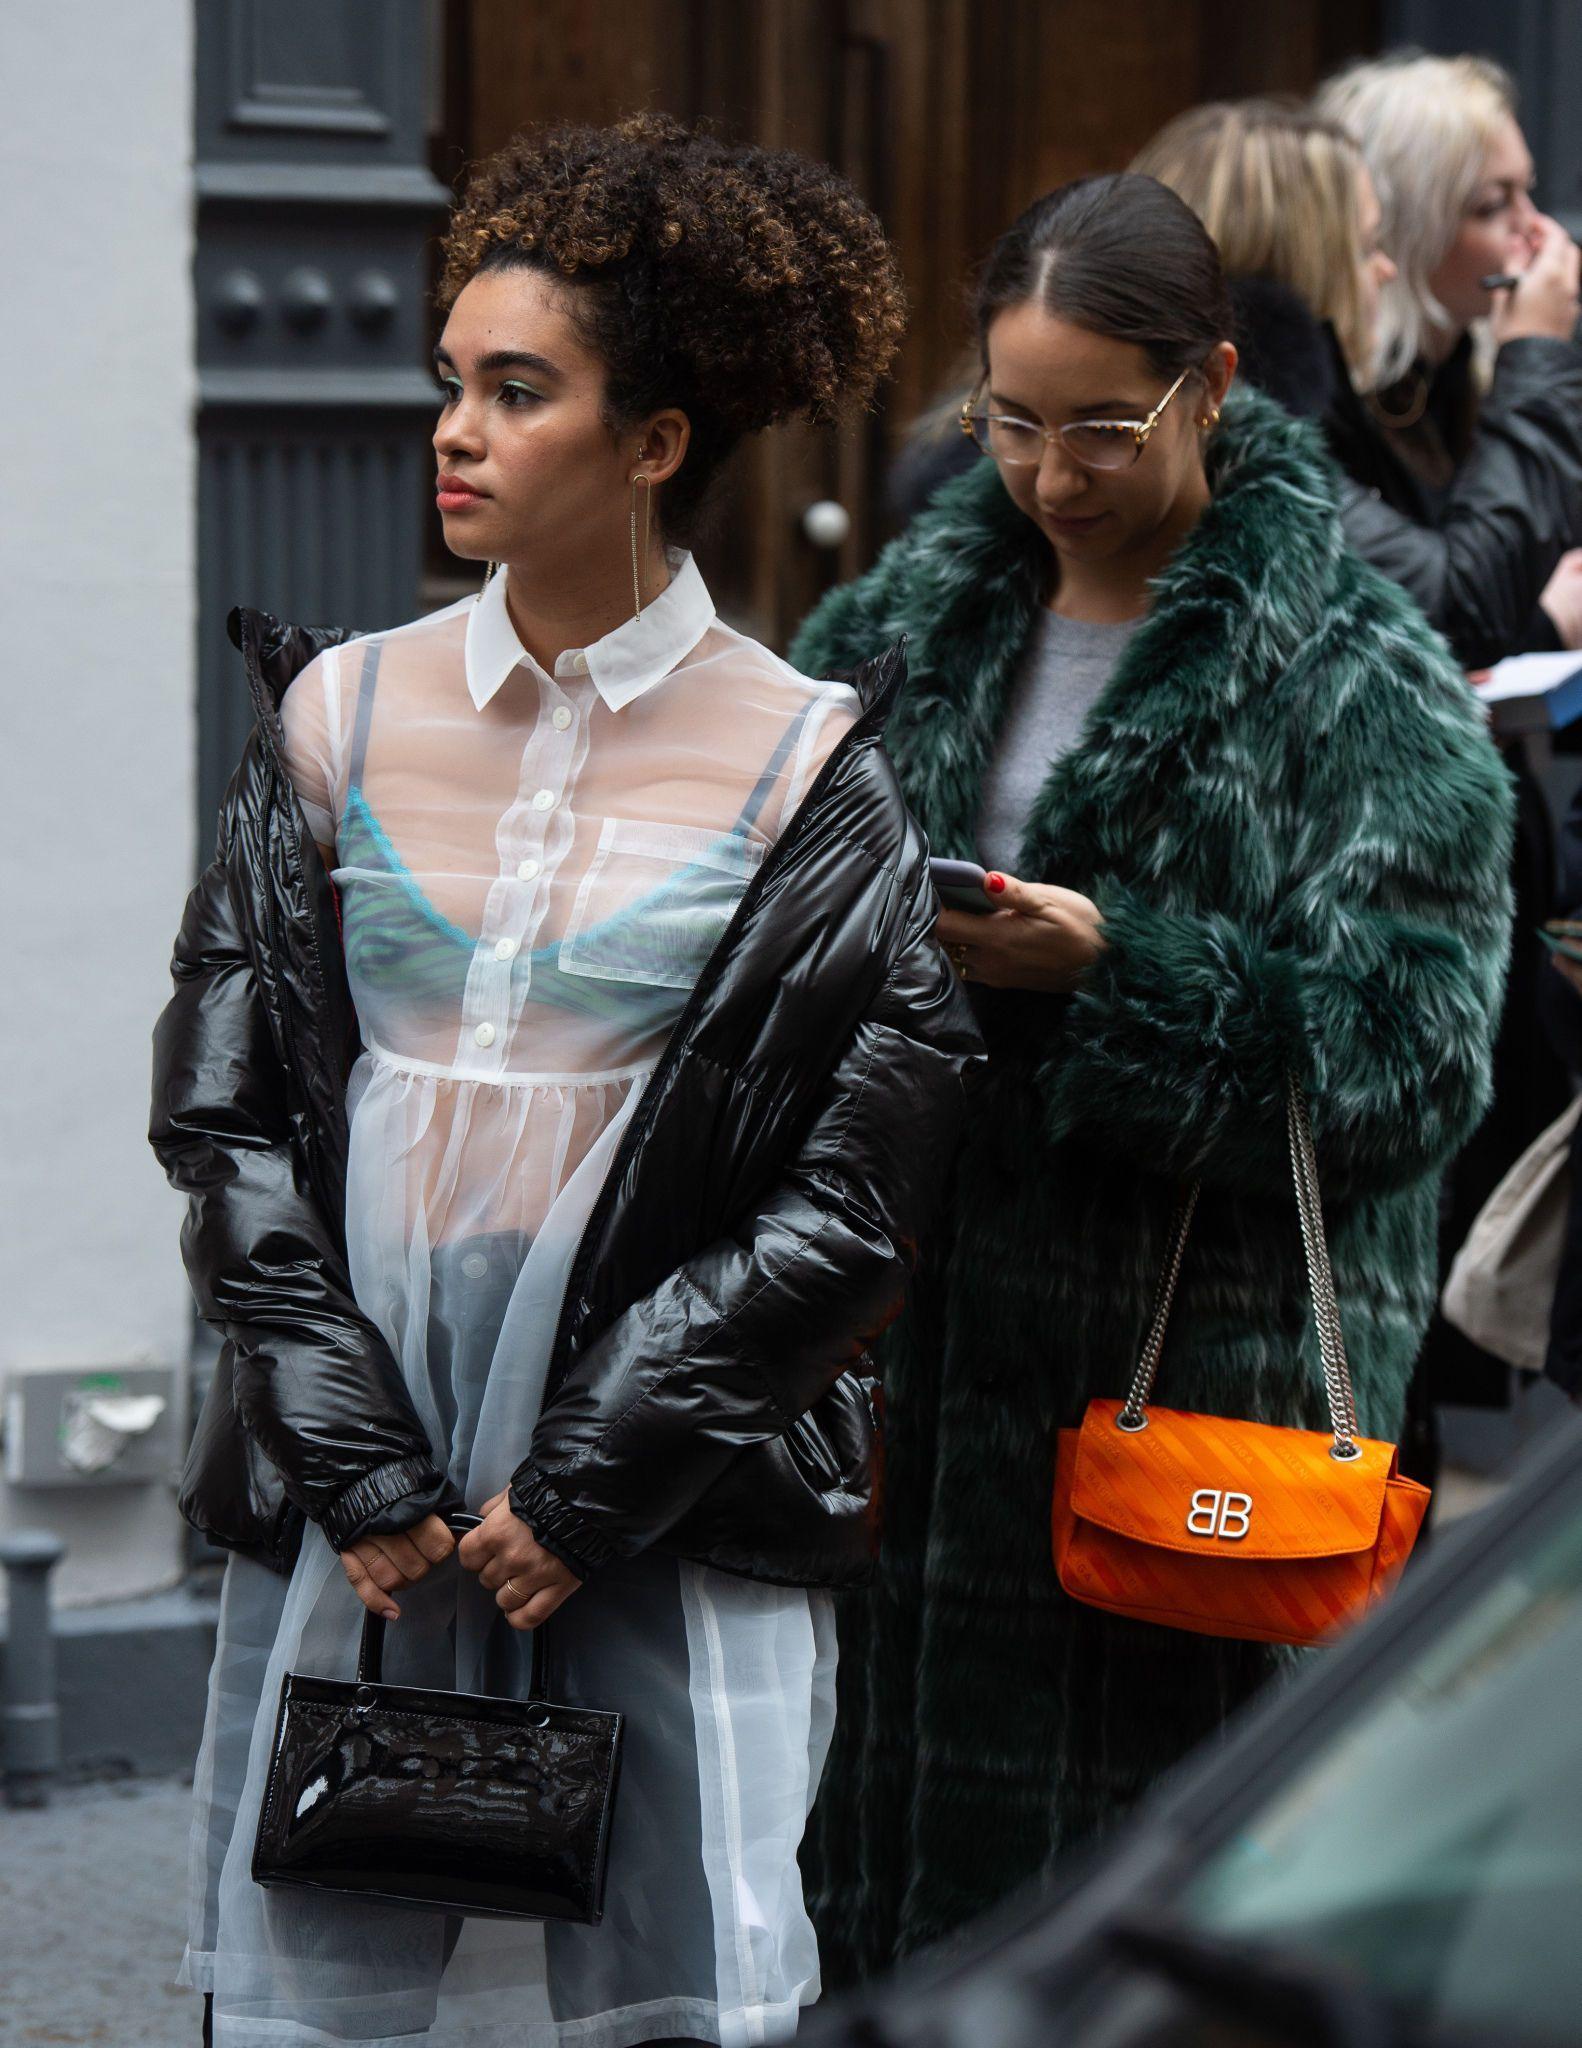 24fb5b8b カラフルなアウターで吹雪も乗り切る 2019-20年秋冬ニューヨーク・ファッション・